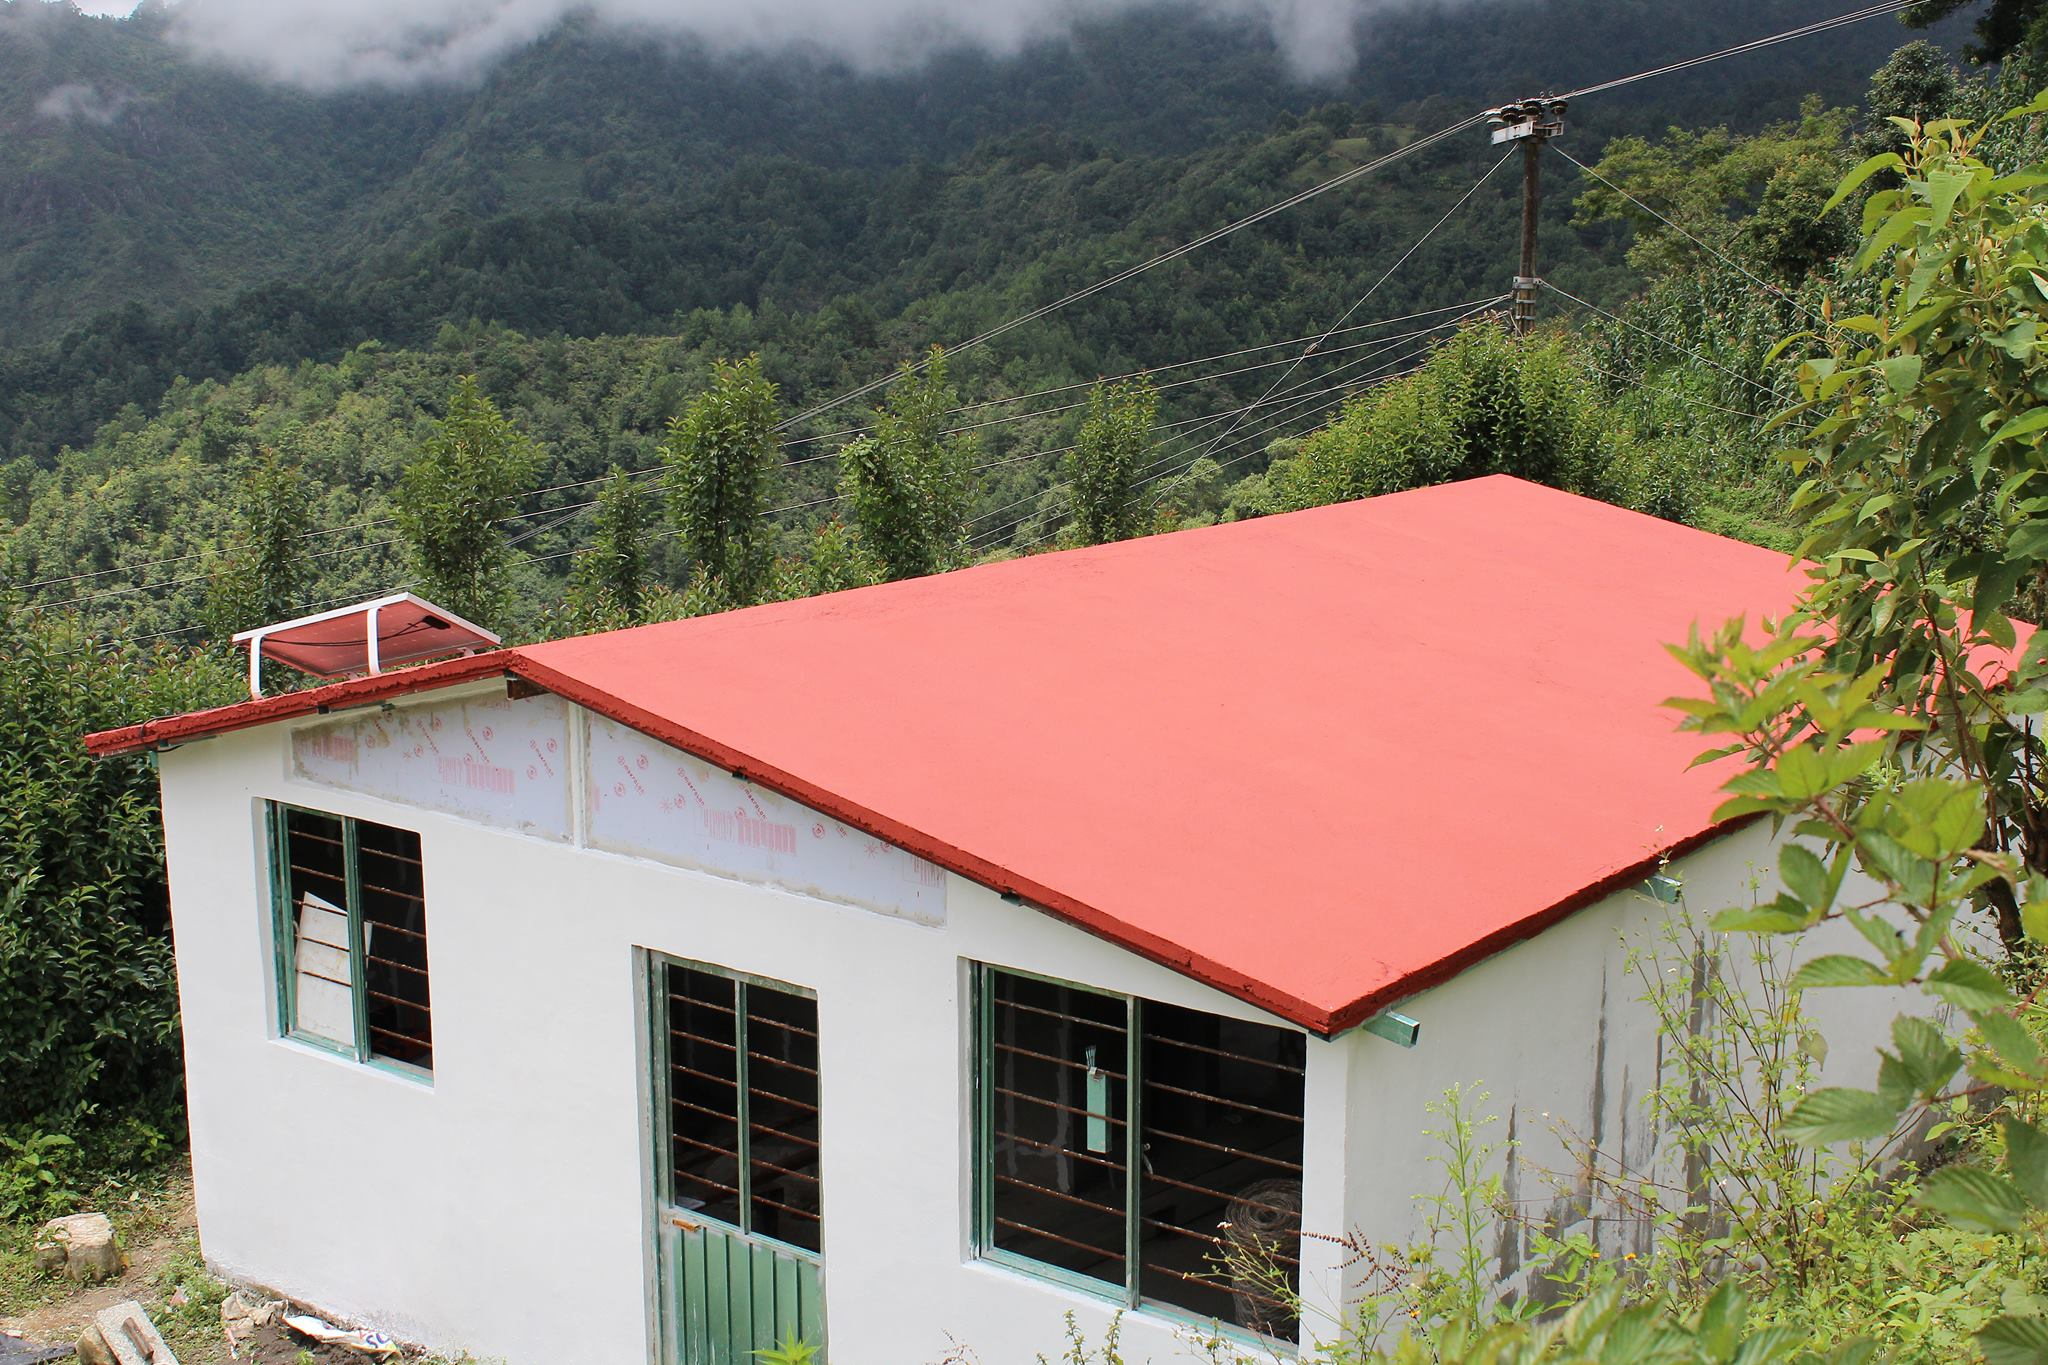 Une maison à base de plastiques recyclés construite par la société Ecodom